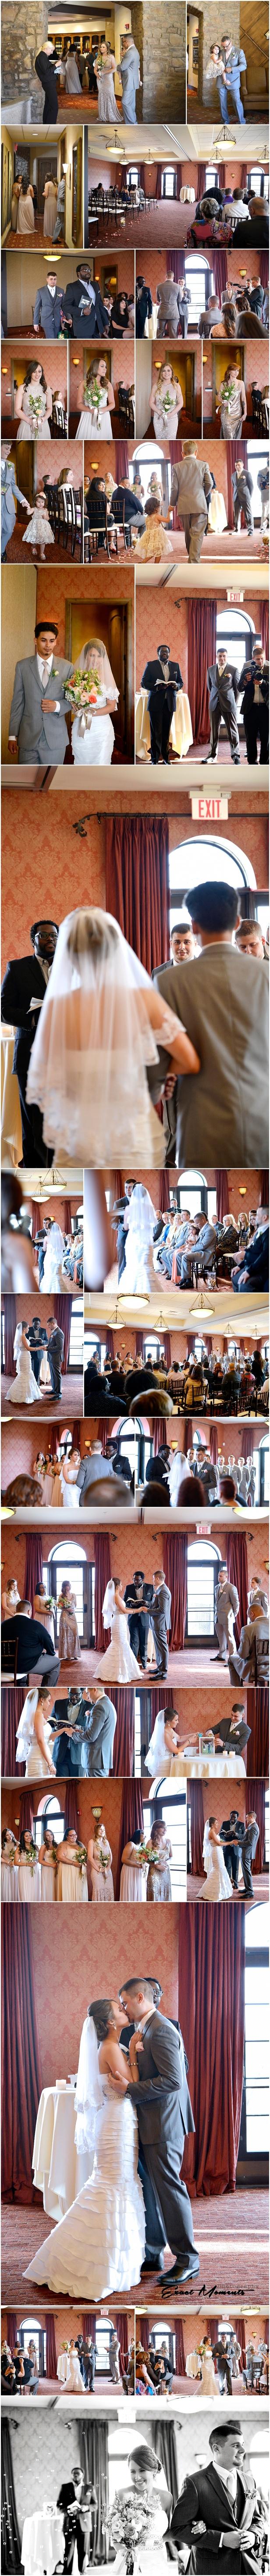 The club at Corazon wedding ceremony Columbus Ohio